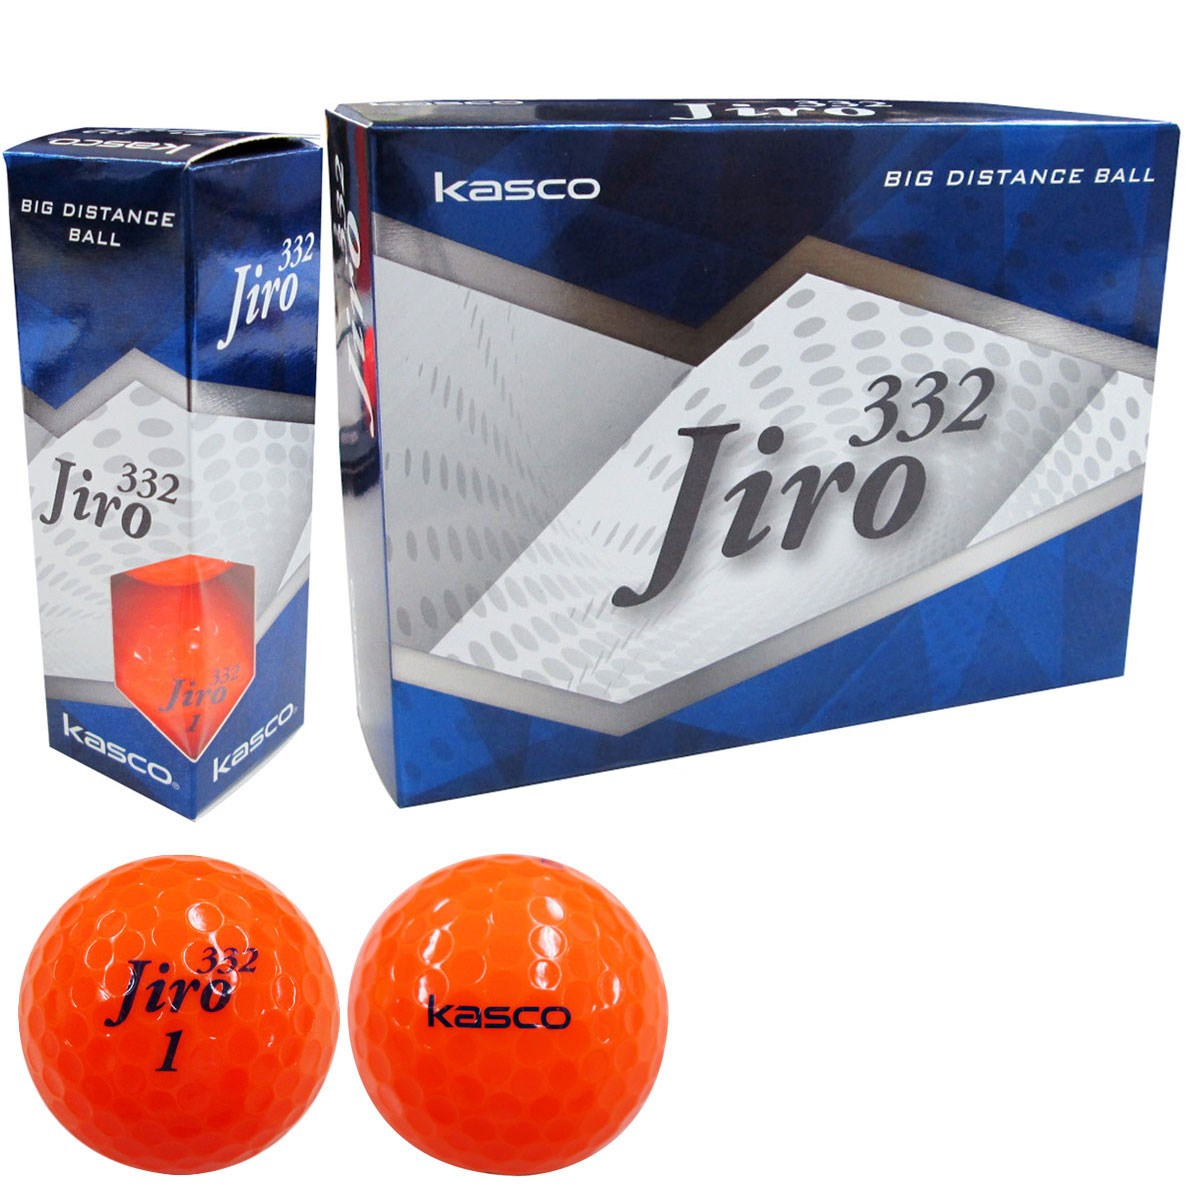 キャスコ KASCO jiro332ボール 3ダースセット 3ダース(36個入り) オレンジ